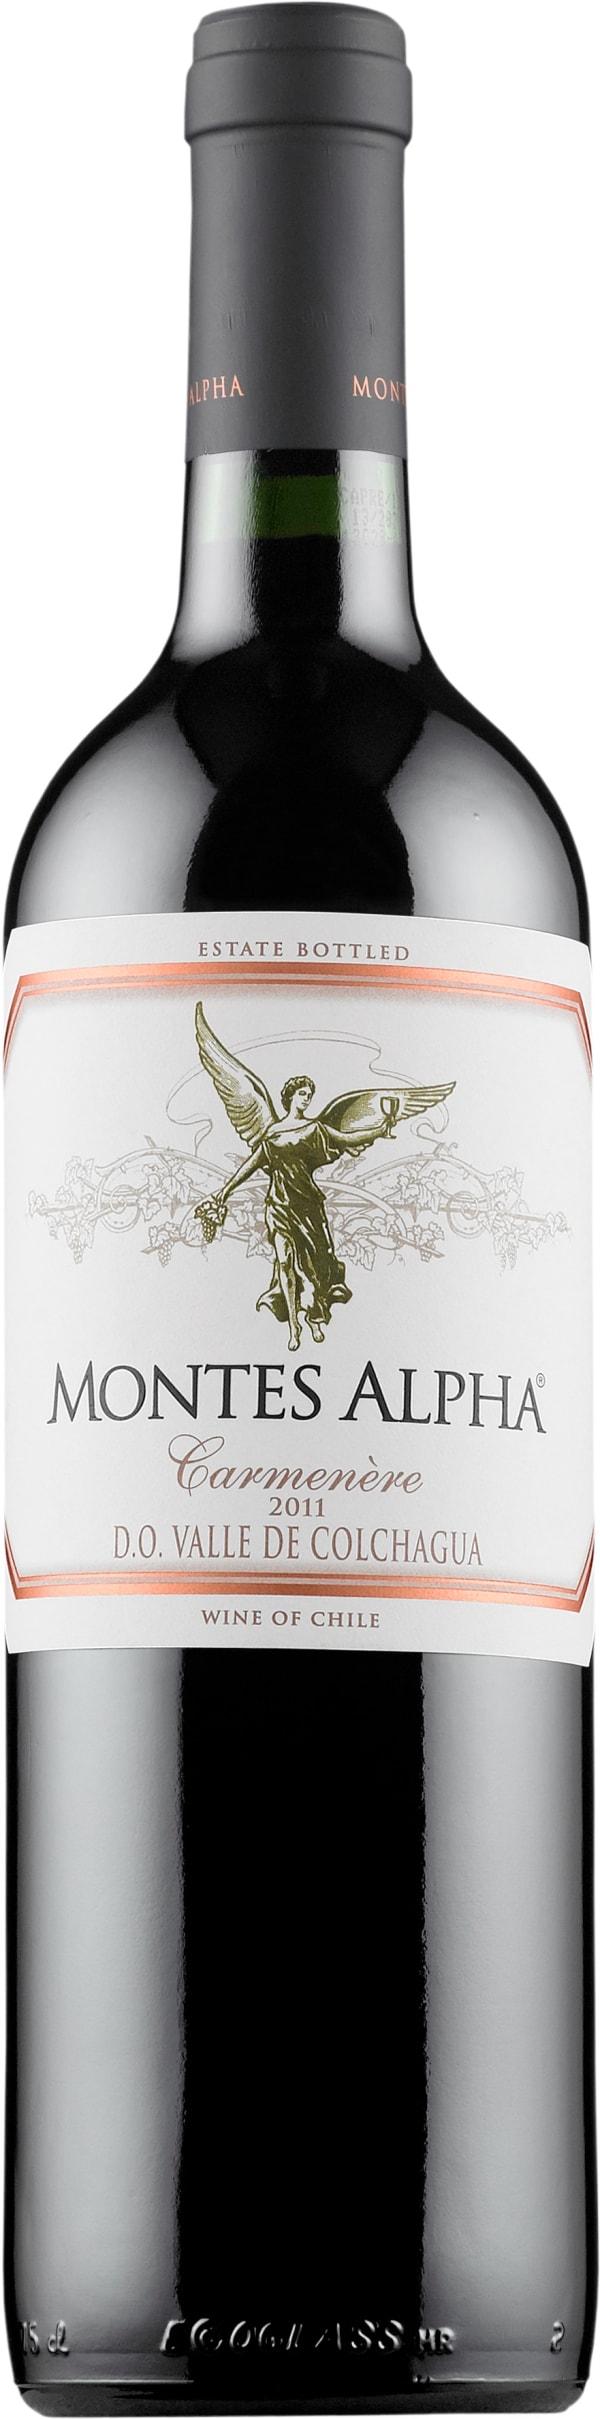 Montes Alpha Carmenère 2014